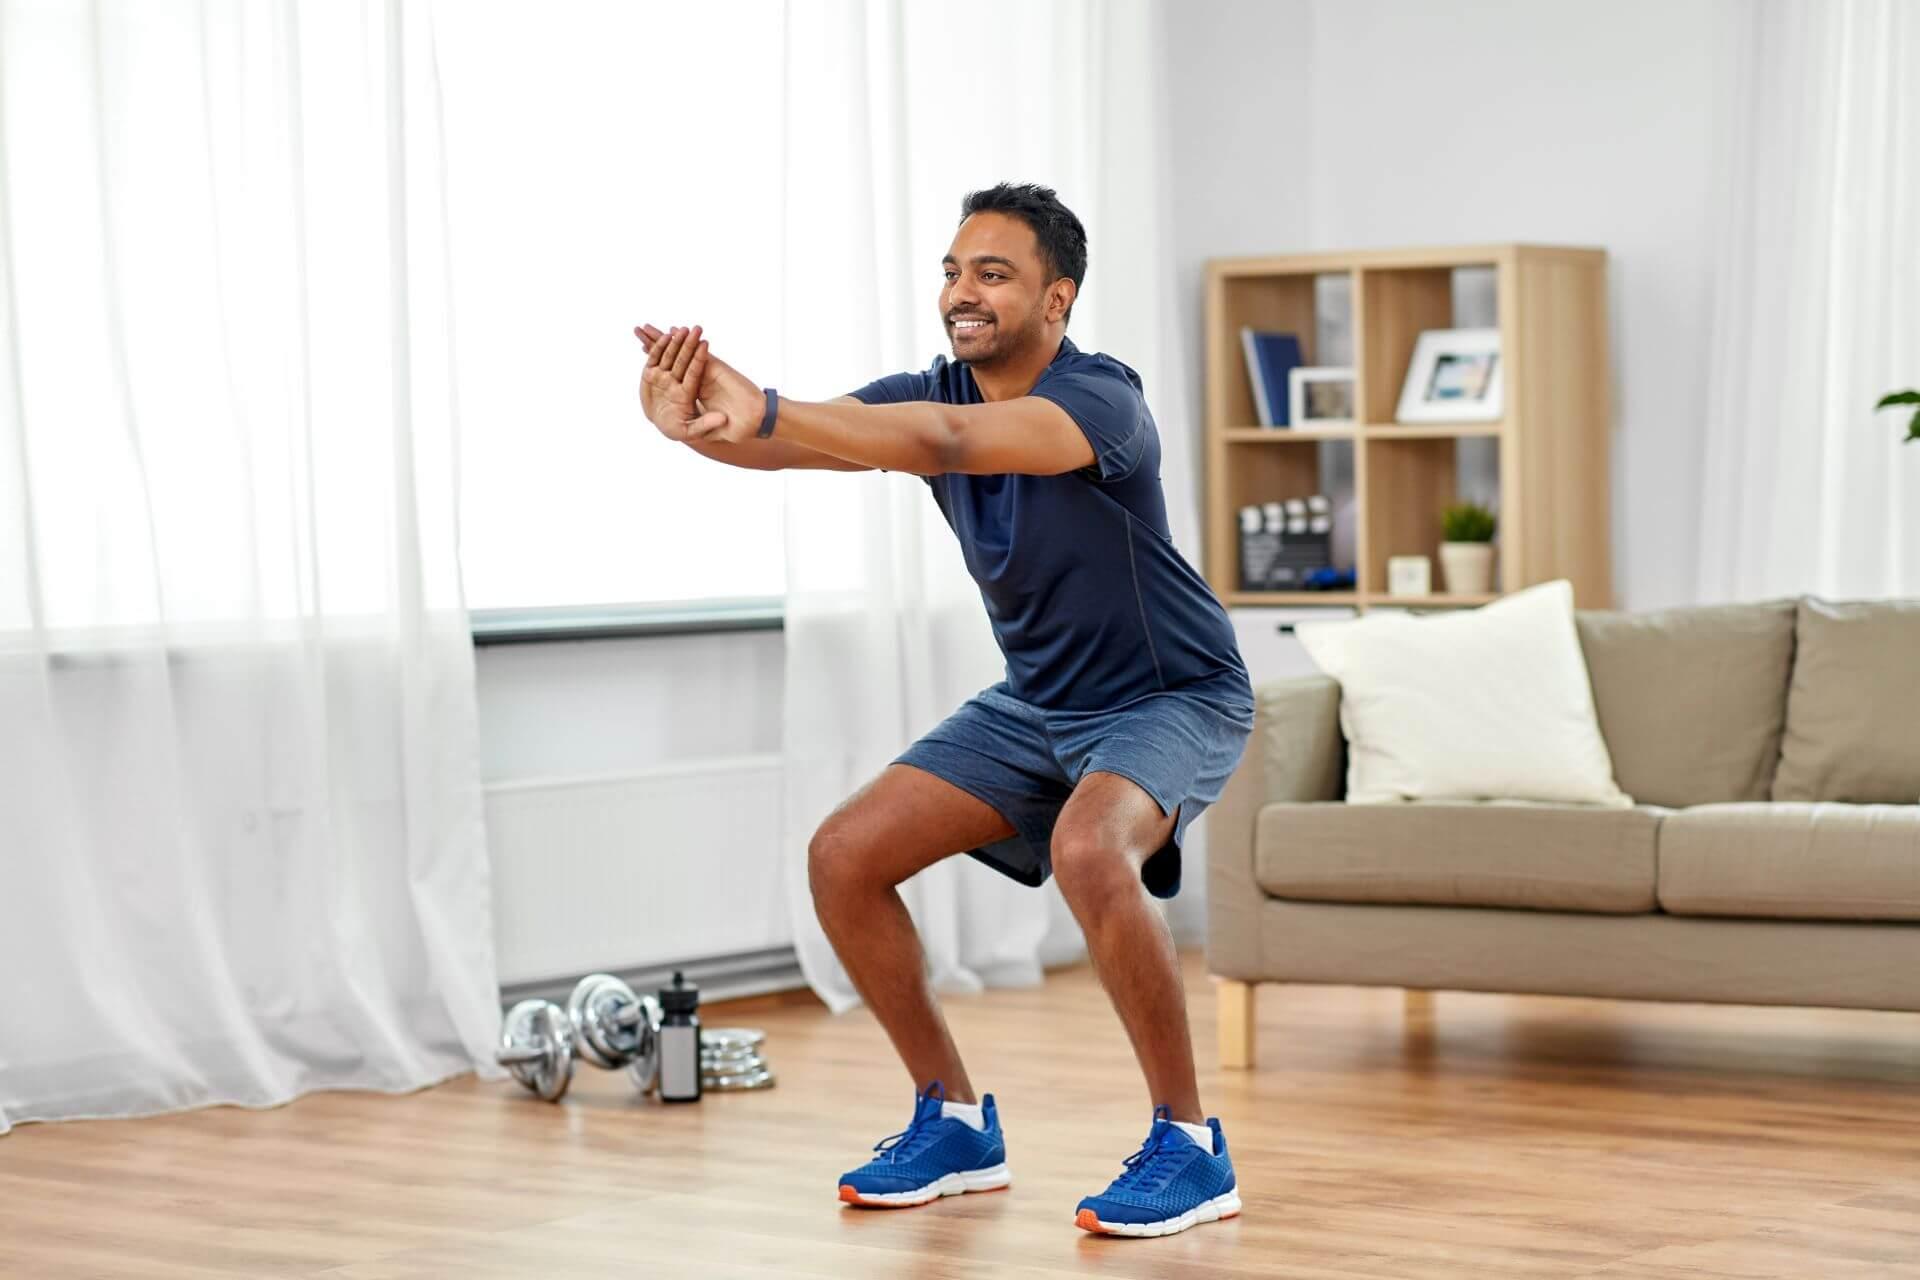 Übungen zur Kraftausdauer